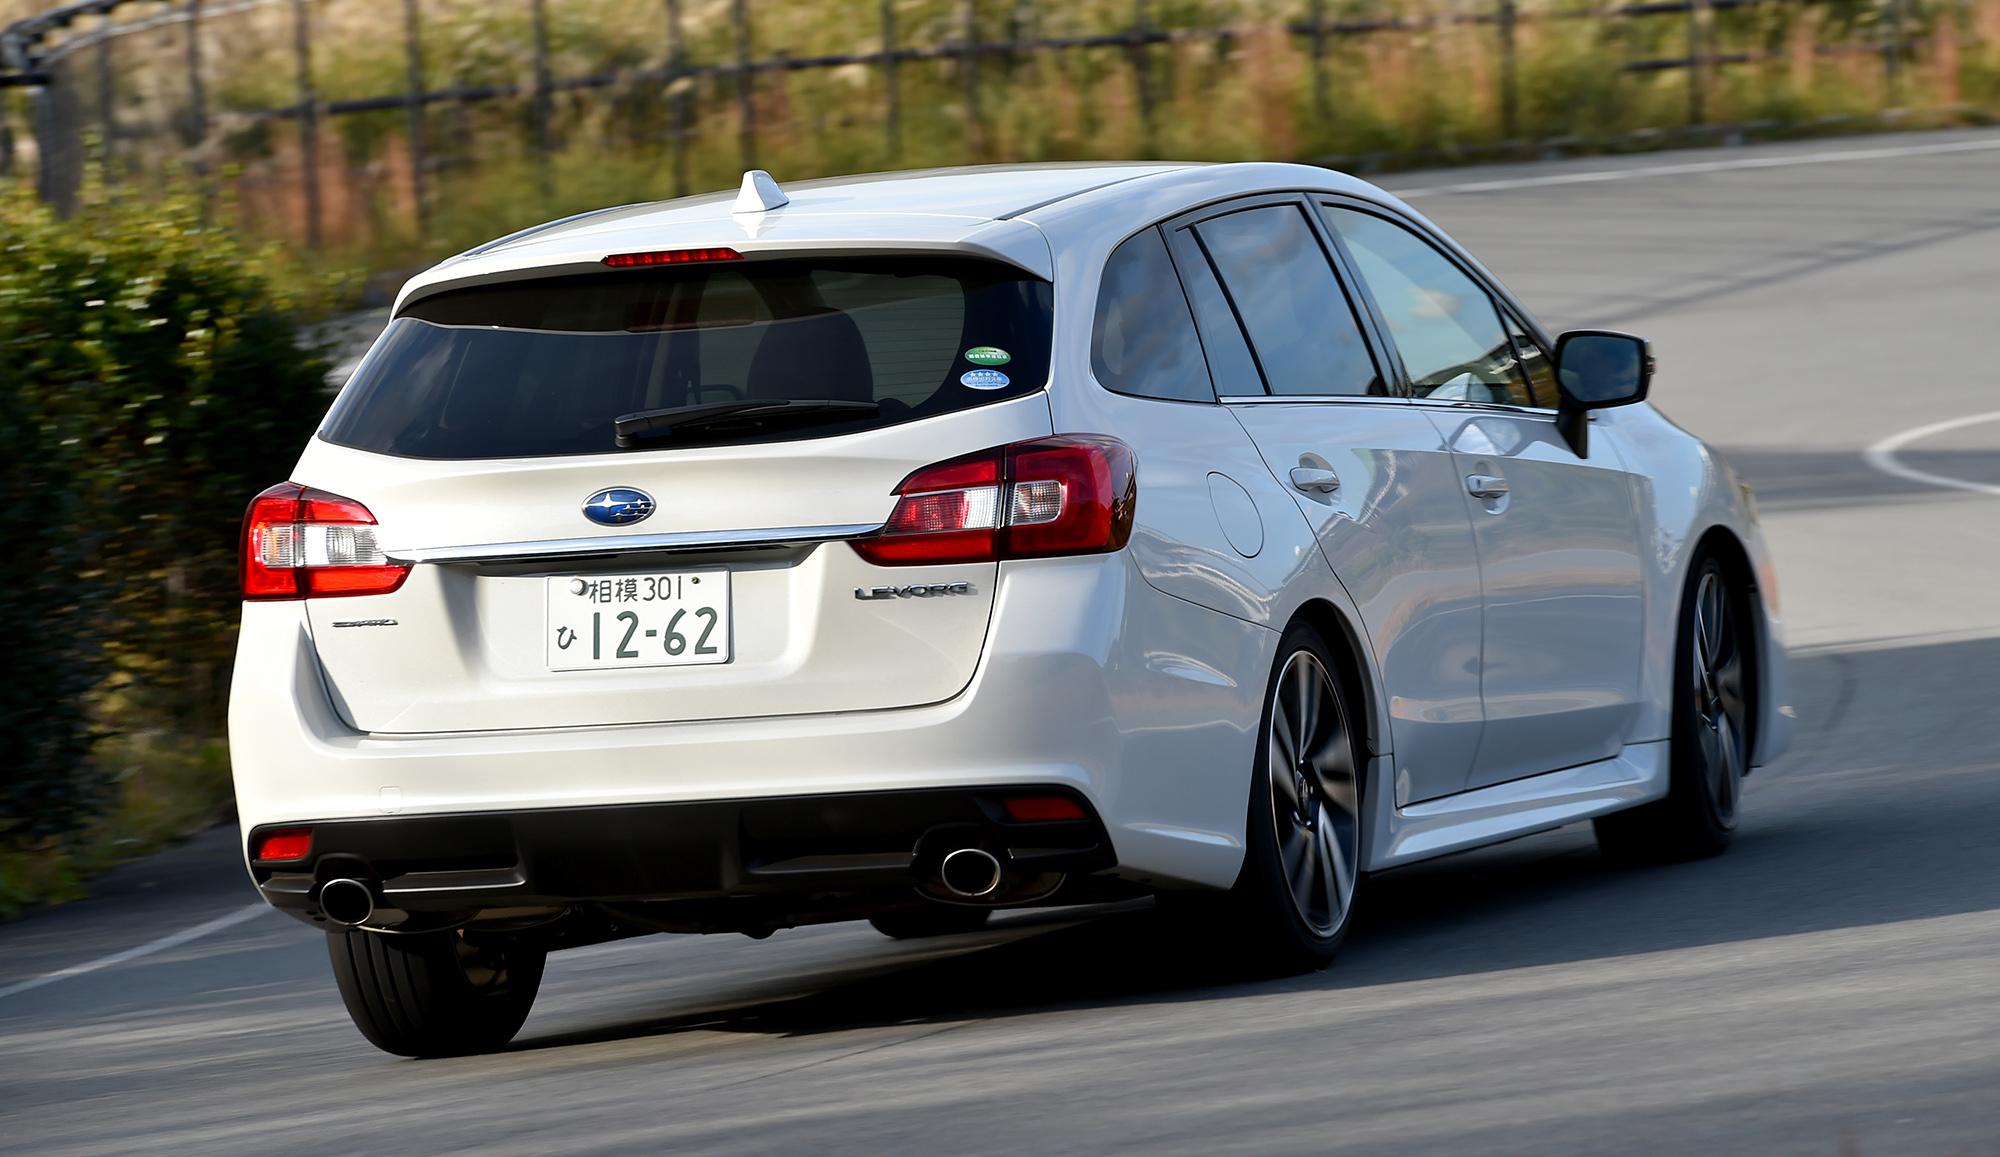 Subaru Wrx Specs >> 2016 Subaru Levorg GT Review | CarAdvice